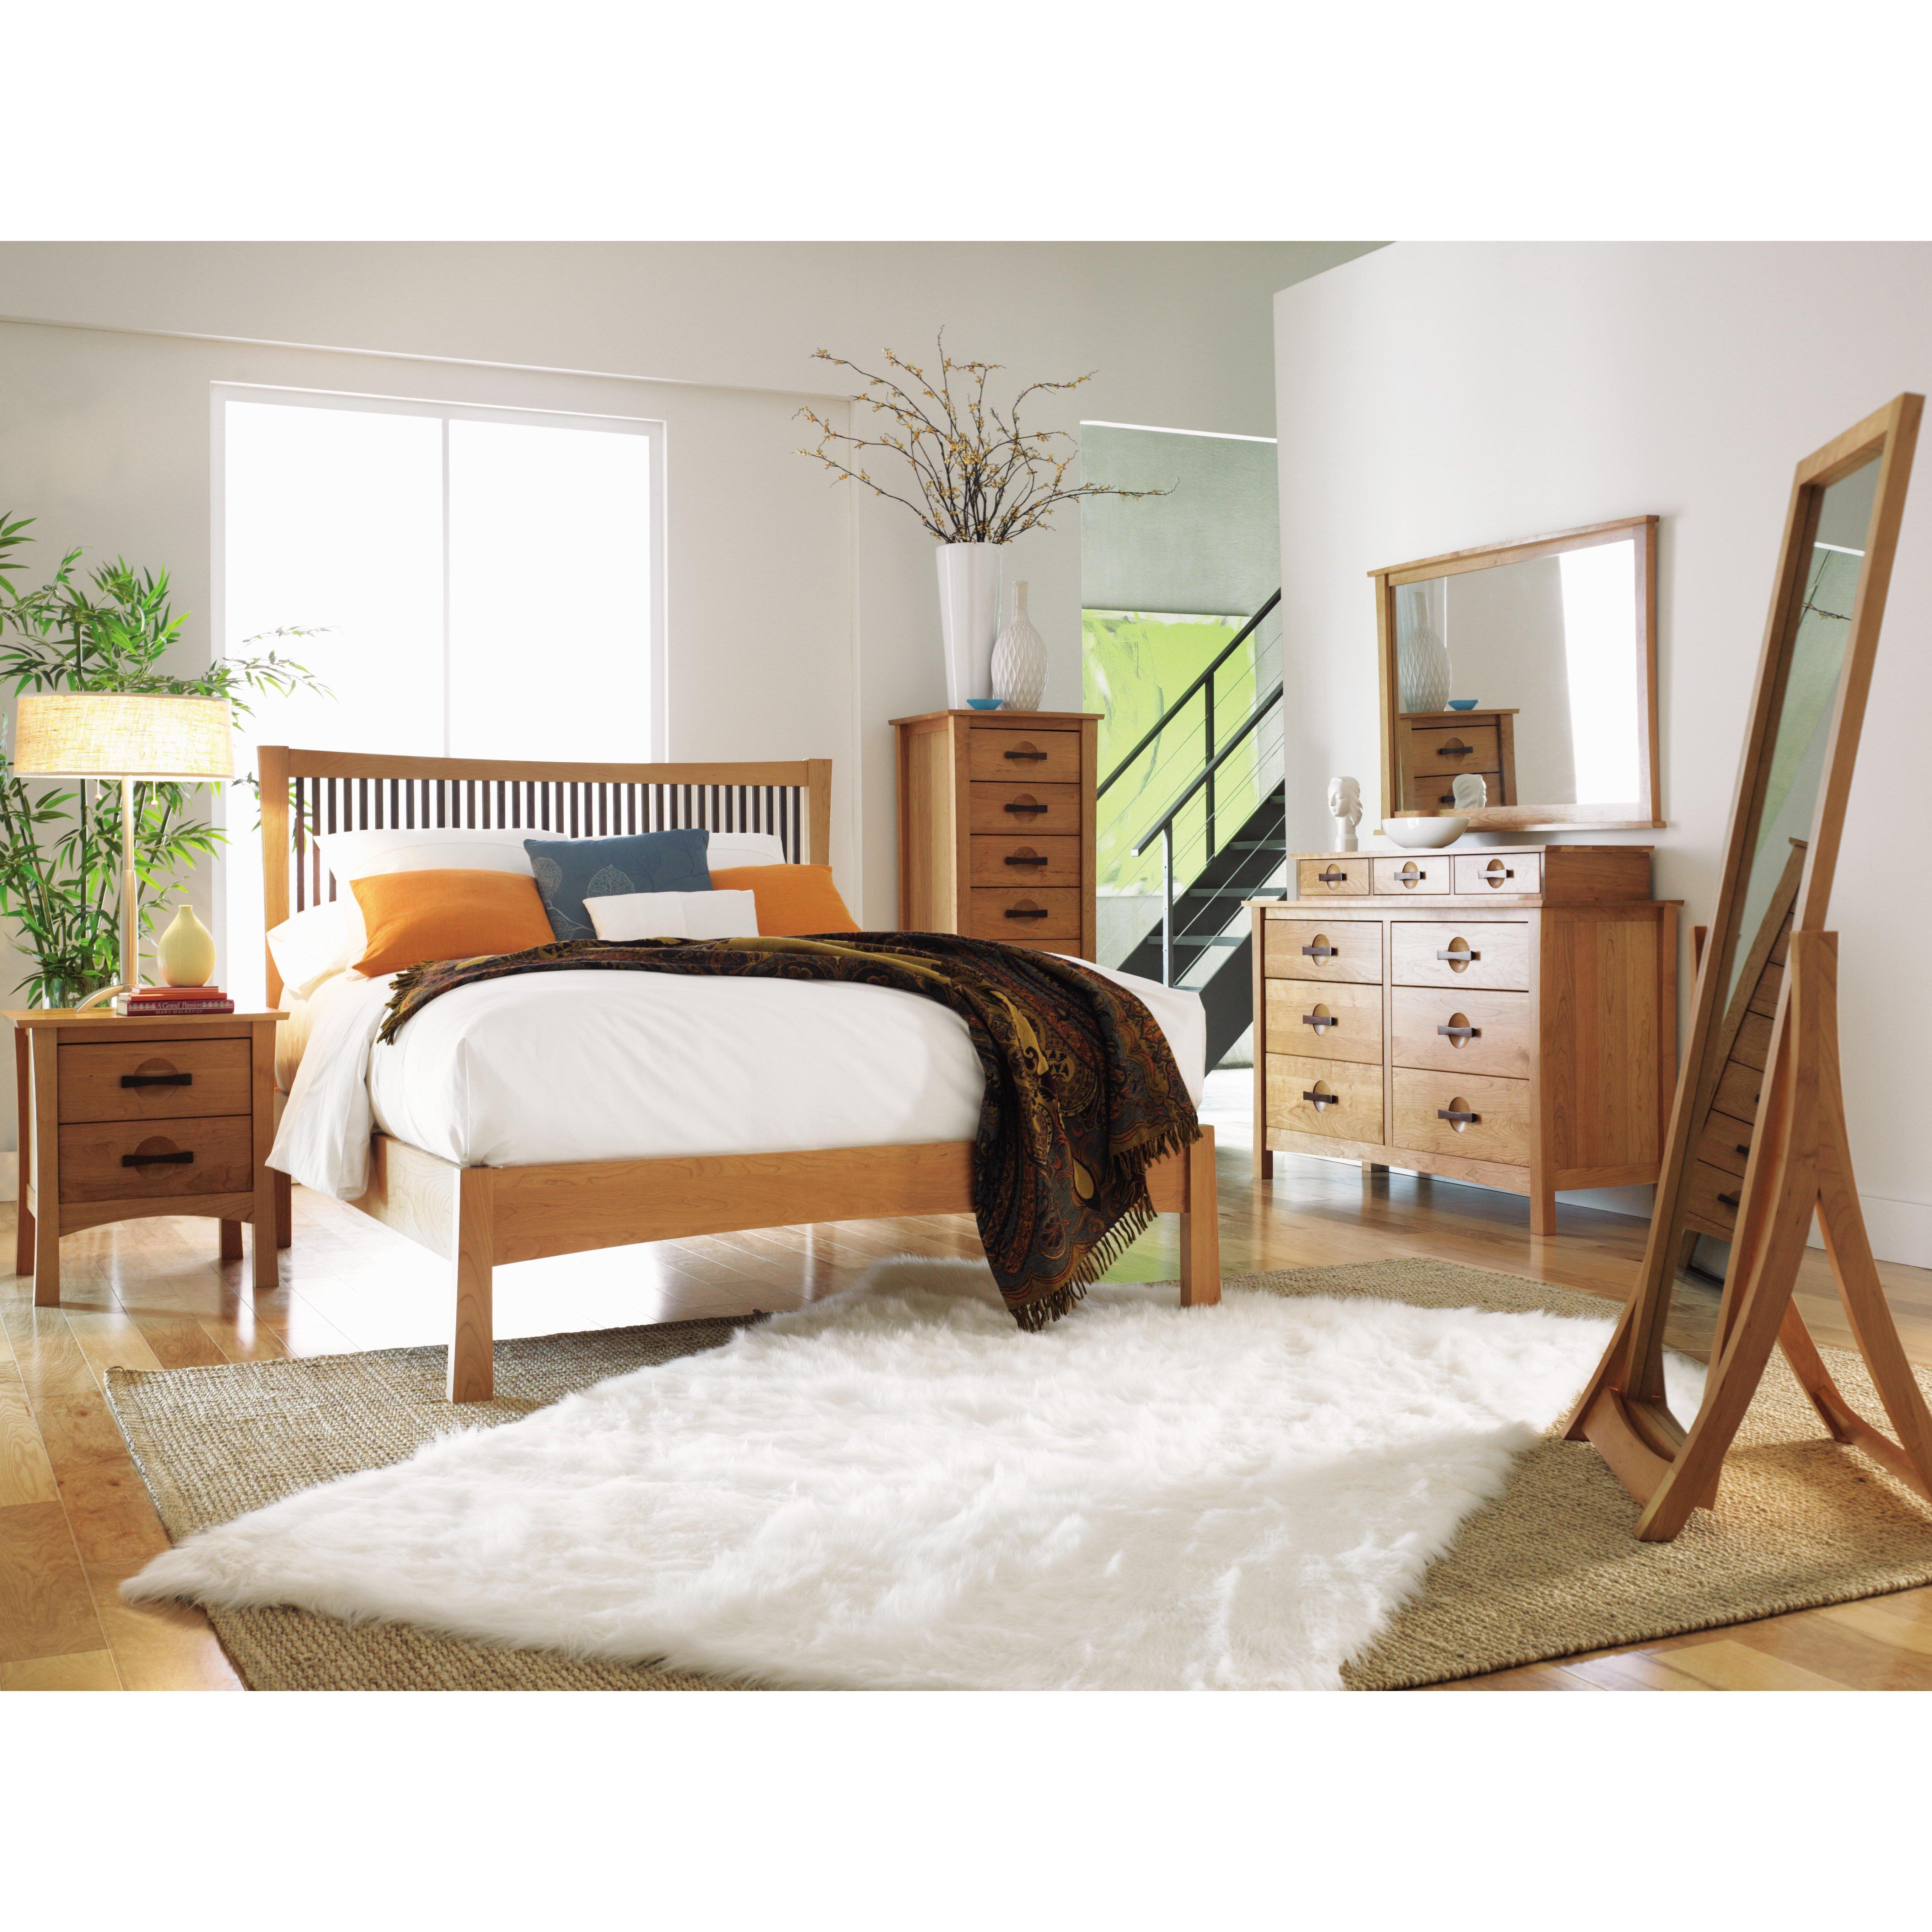 Copeland furniture monterey platform customizable bedroom for Spring hill designs bedroom furniture